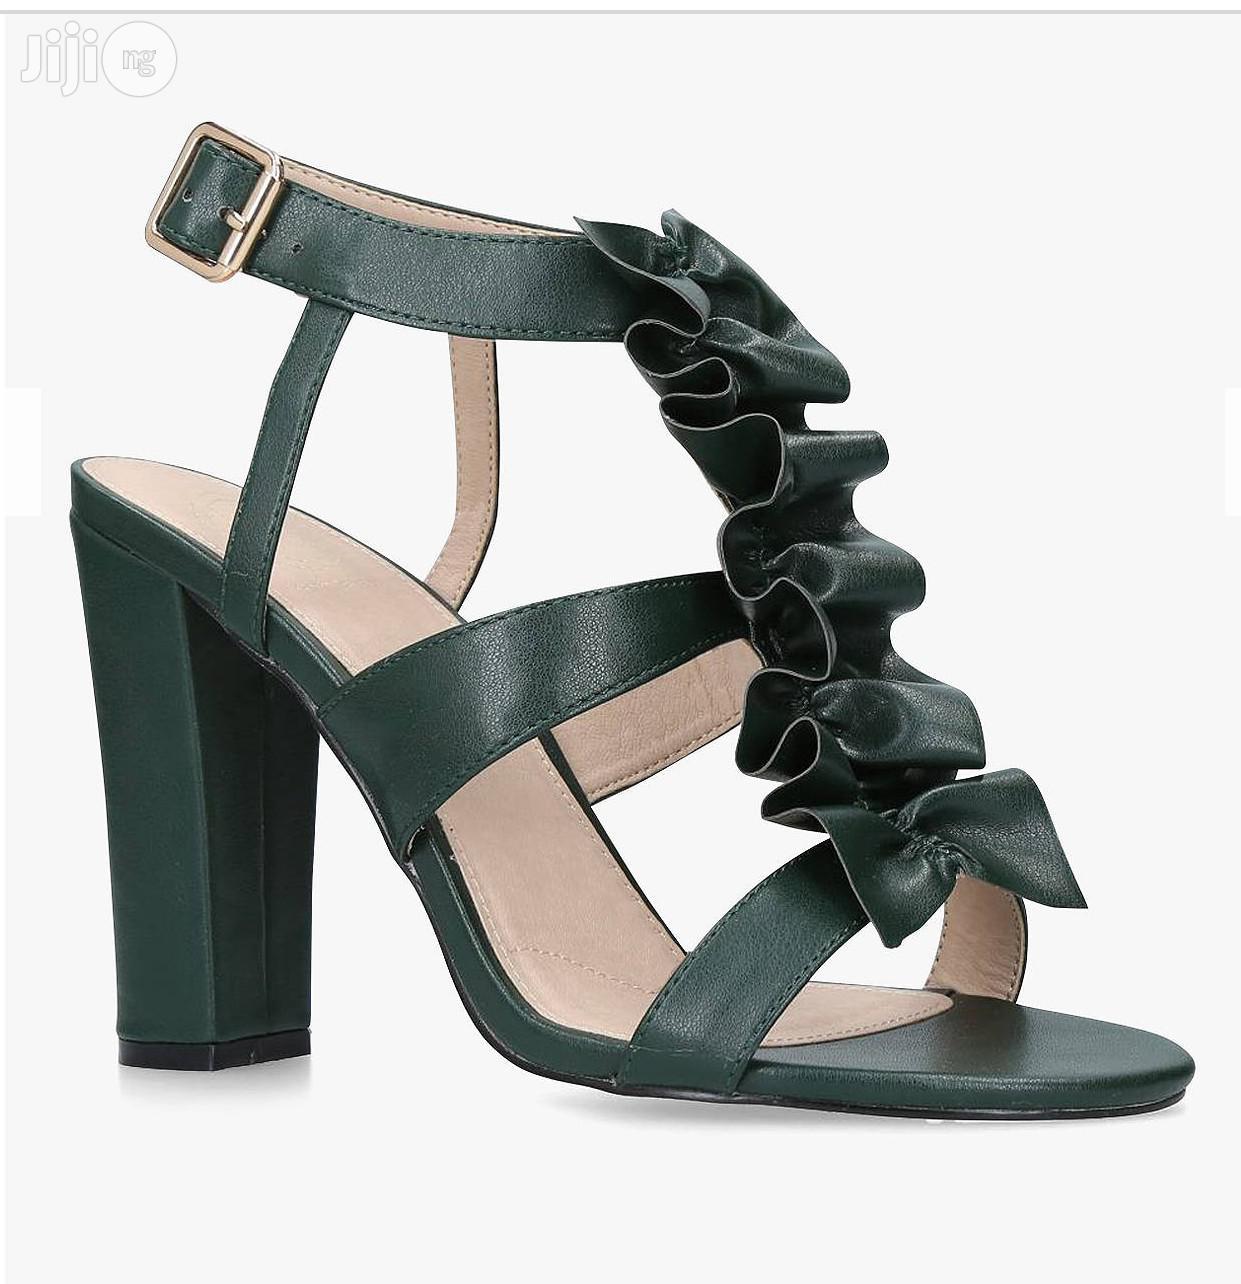 Kurt Geiger Fliss High Block Strap Sandals